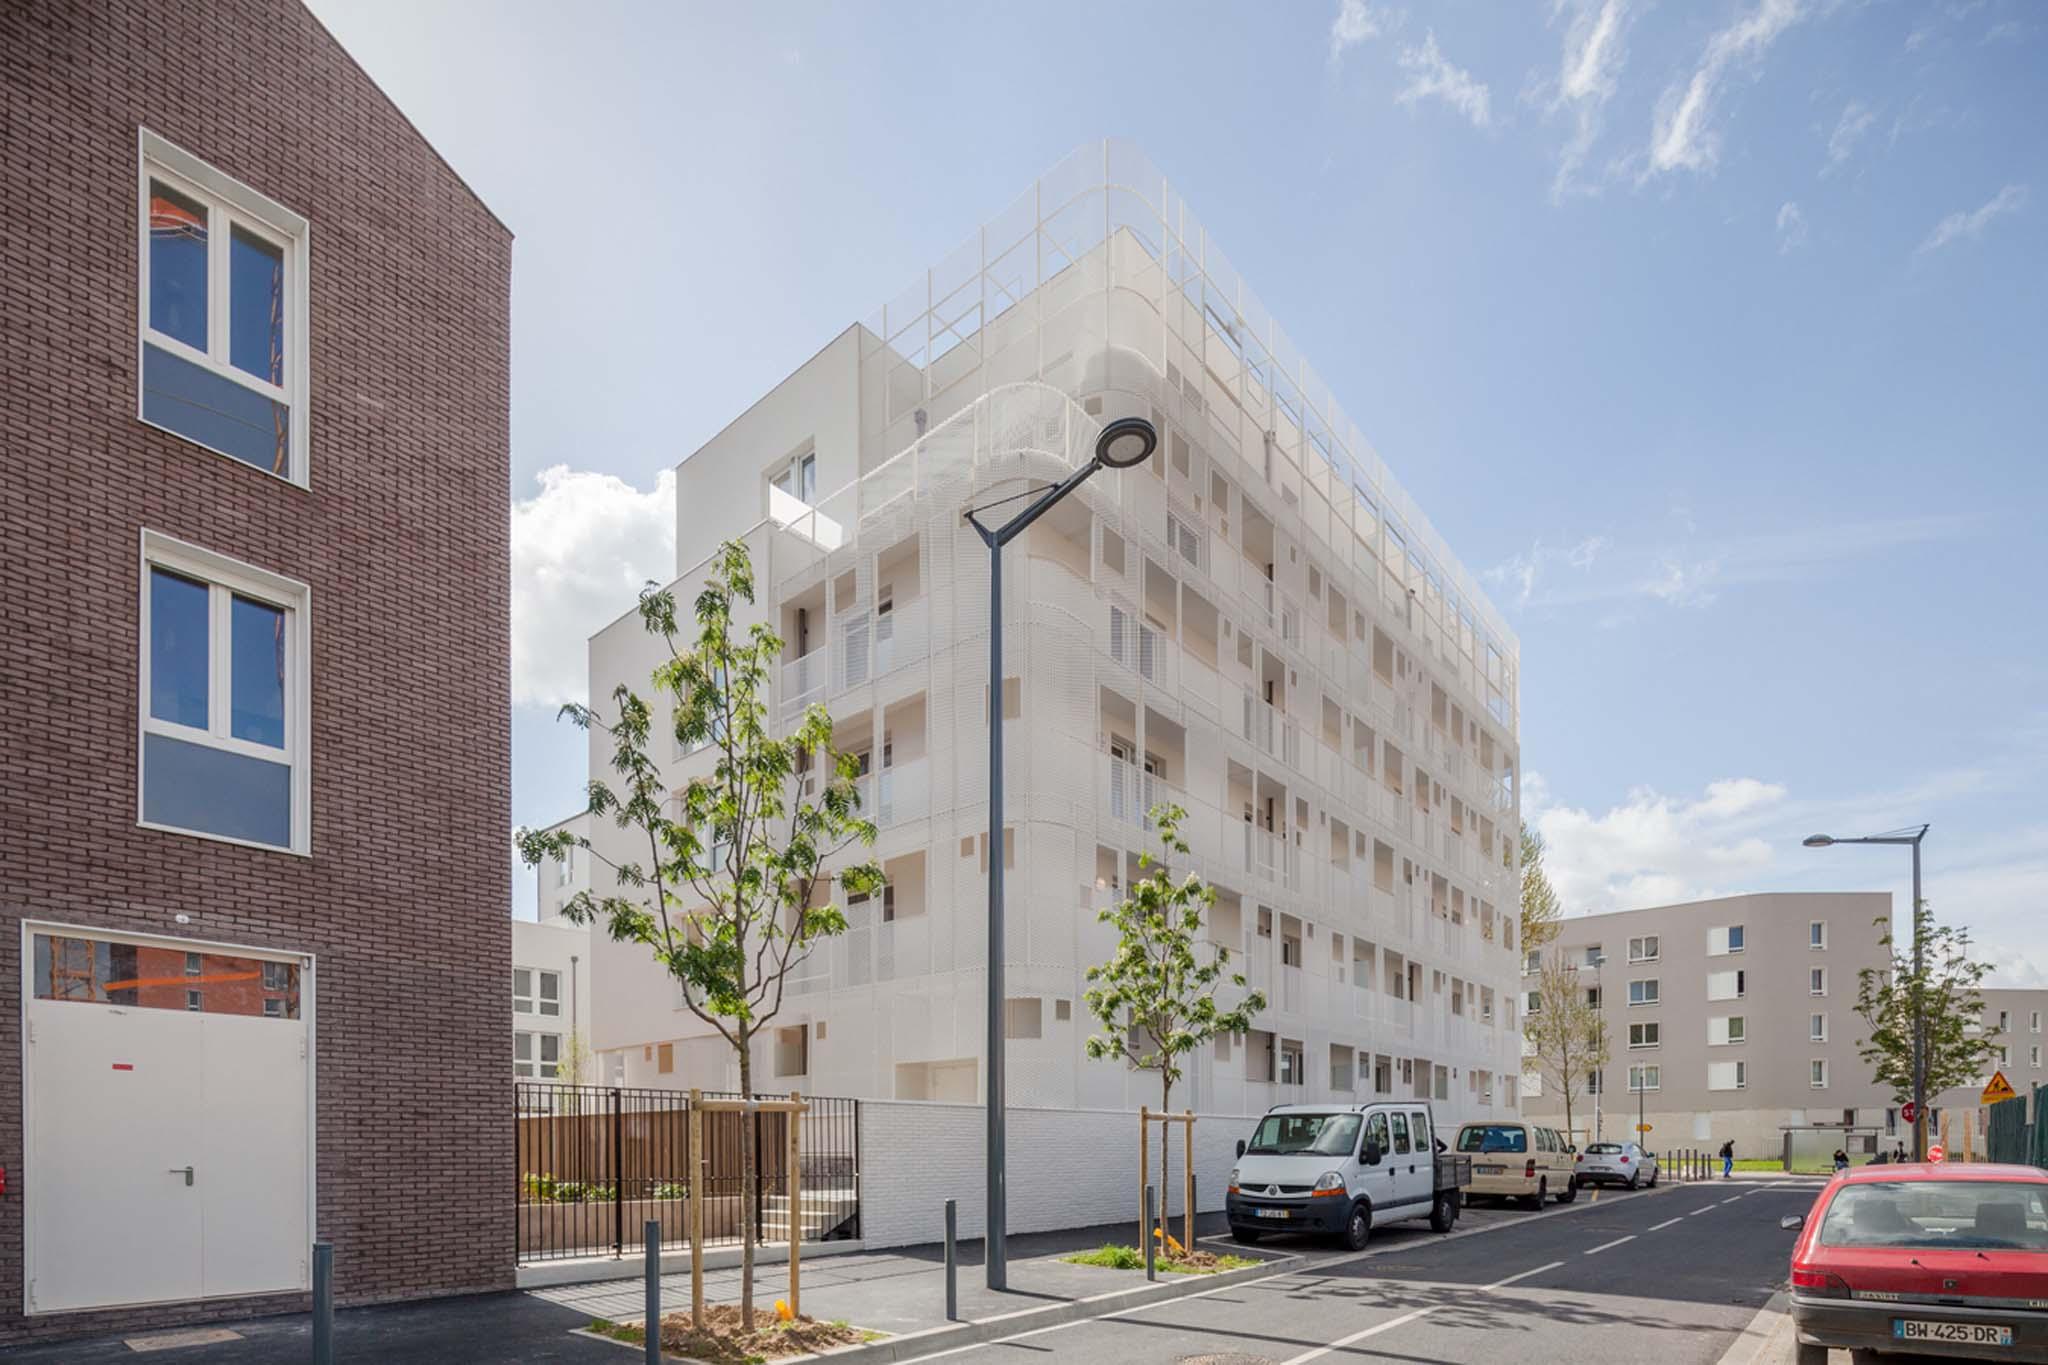 68 logements sociaux et foyer d accueil pour handicap s par margot duclot. Black Bedroom Furniture Sets. Home Design Ideas